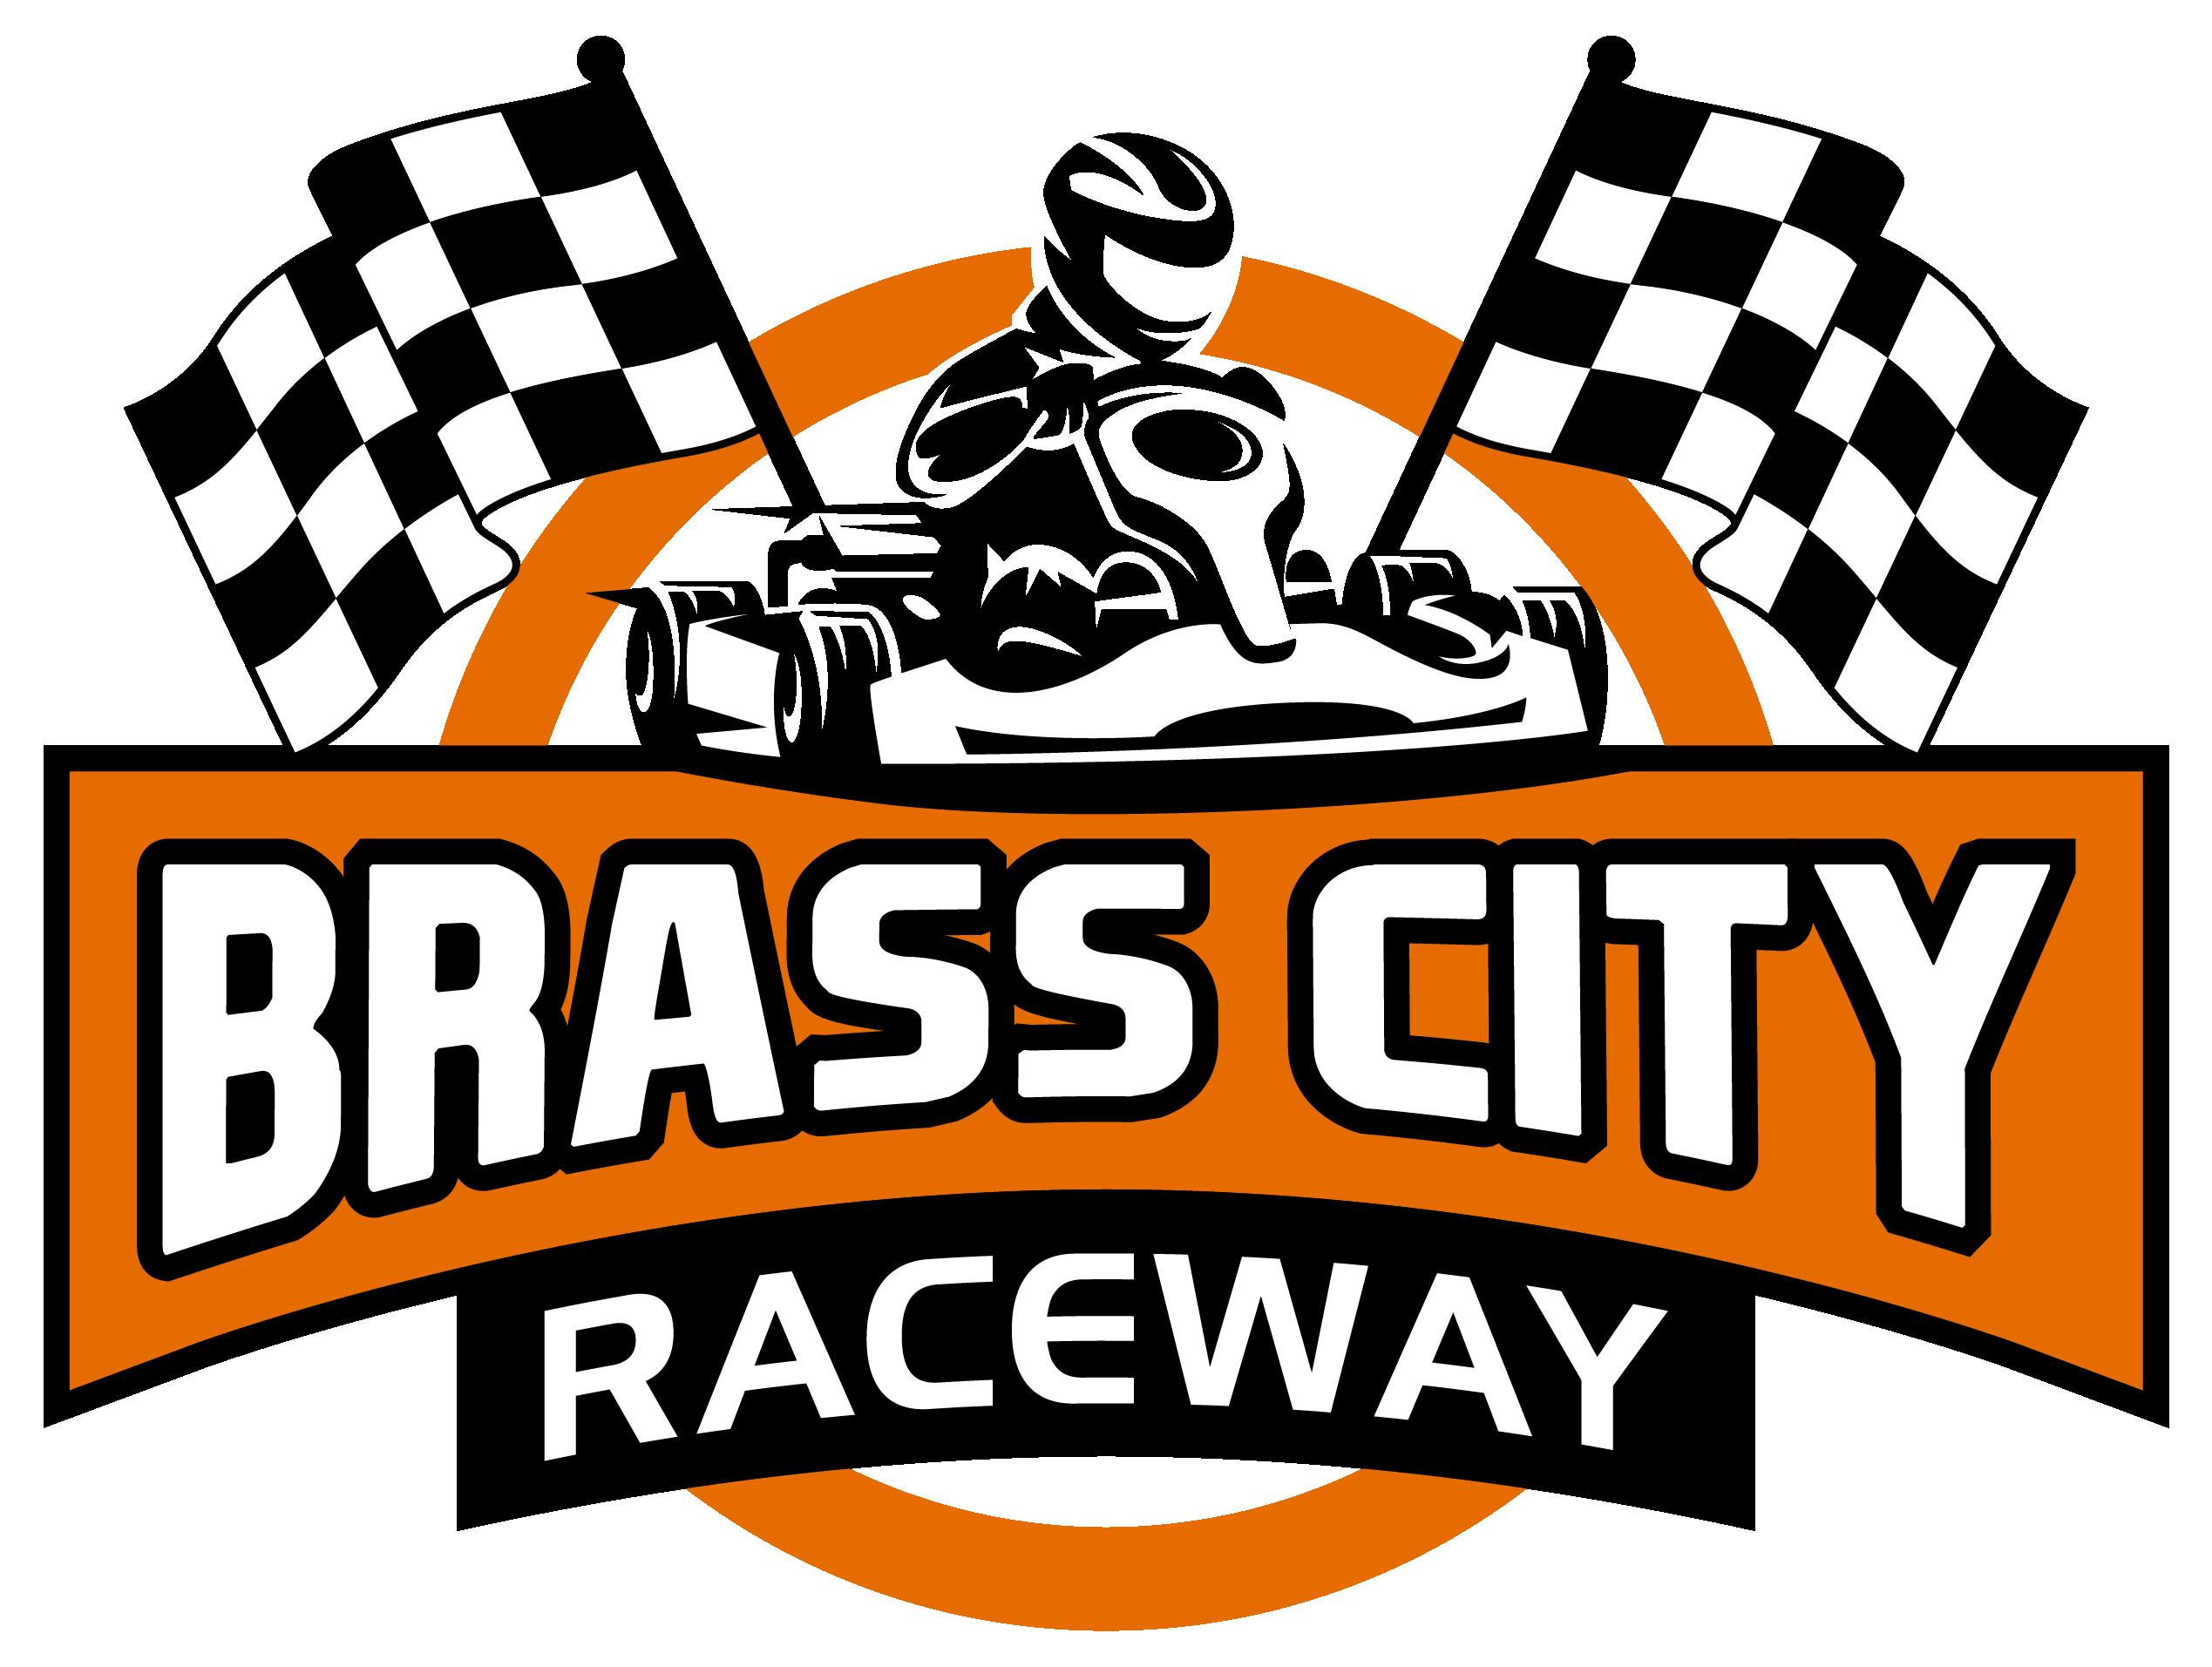 Brass City Raceway